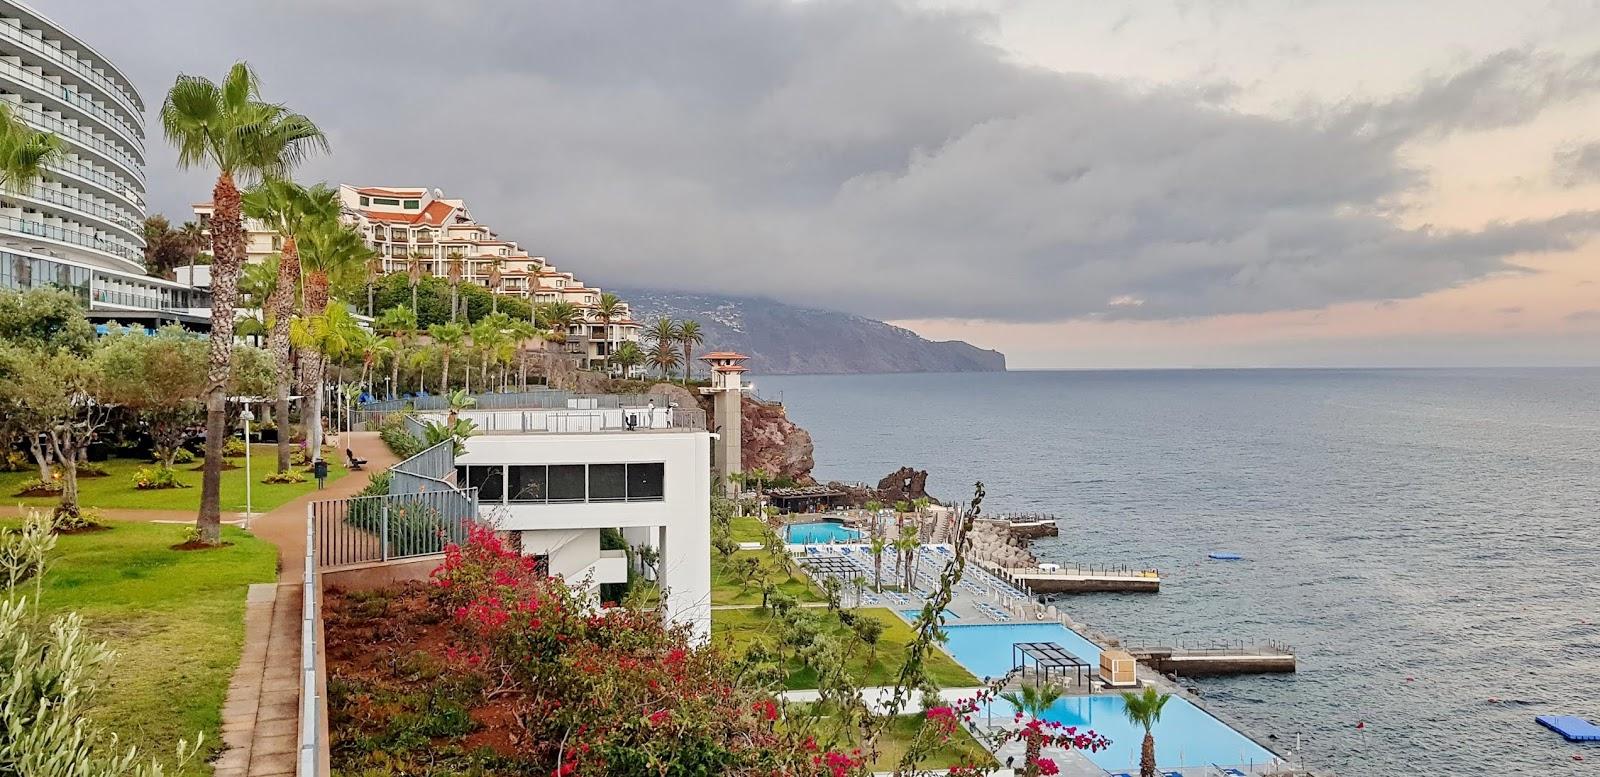 hotéis com acesso ao mar